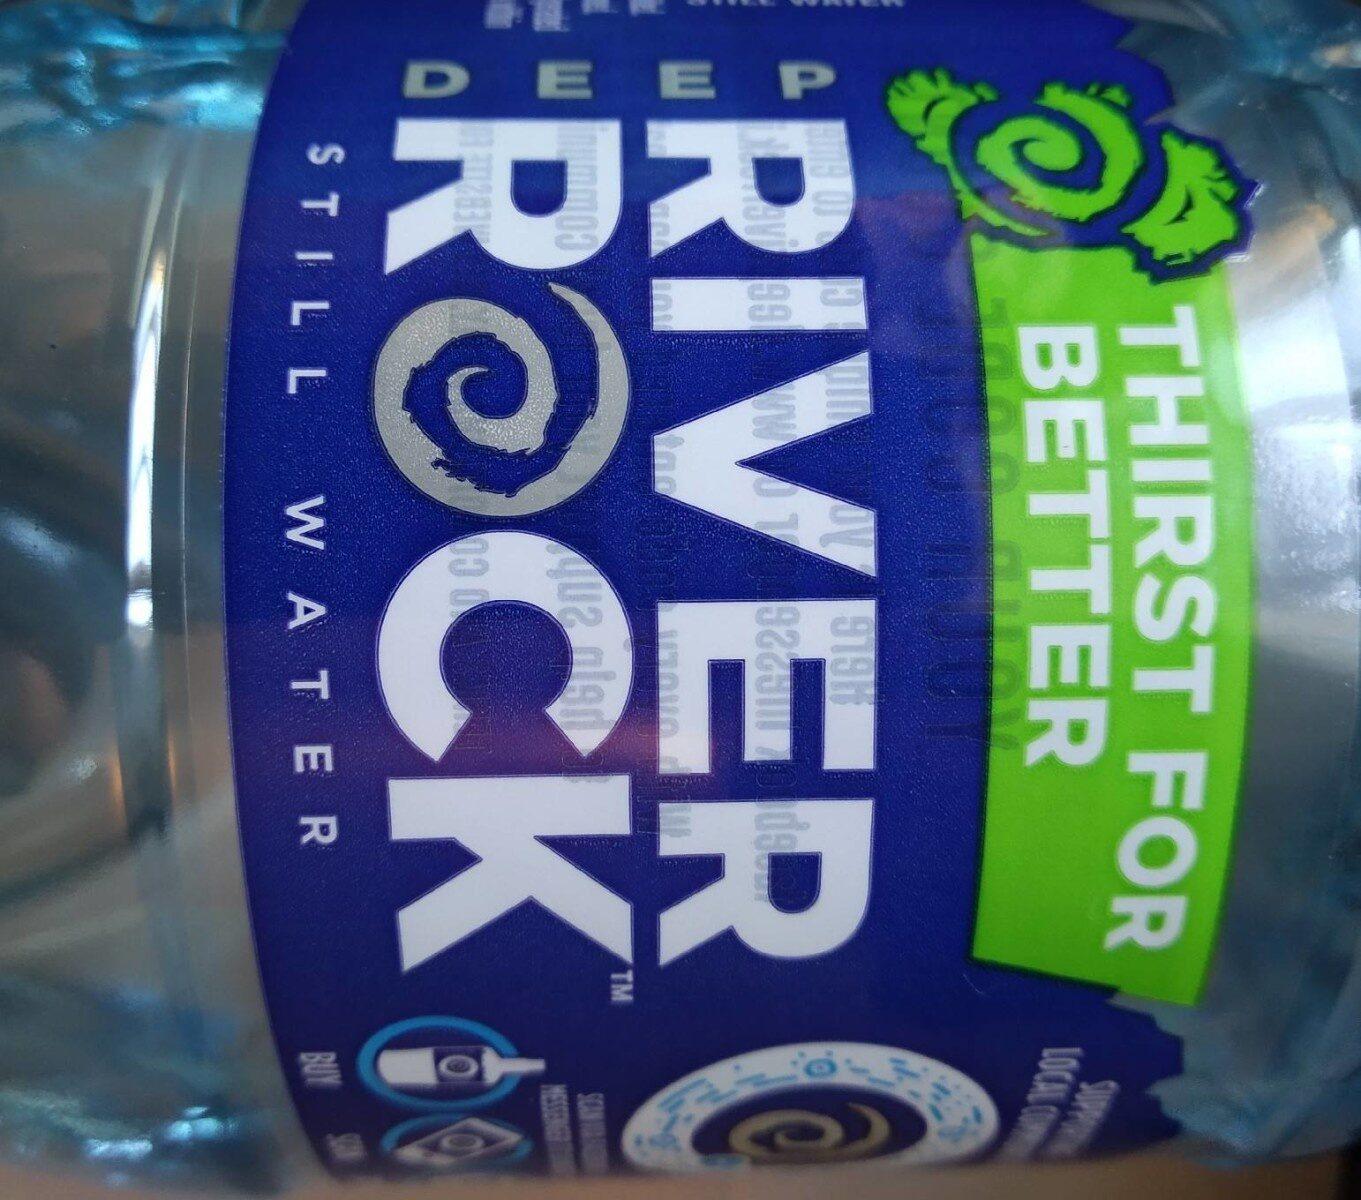 River Rock still water - Product - en